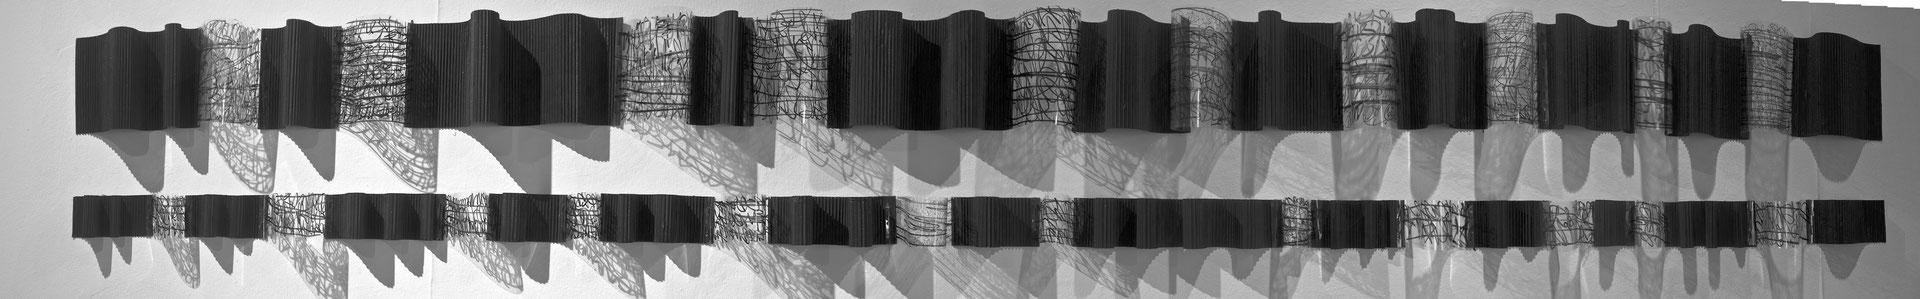 A qué hora sale la luna III, 2014. Acetato y cartón, 21x270 cms.